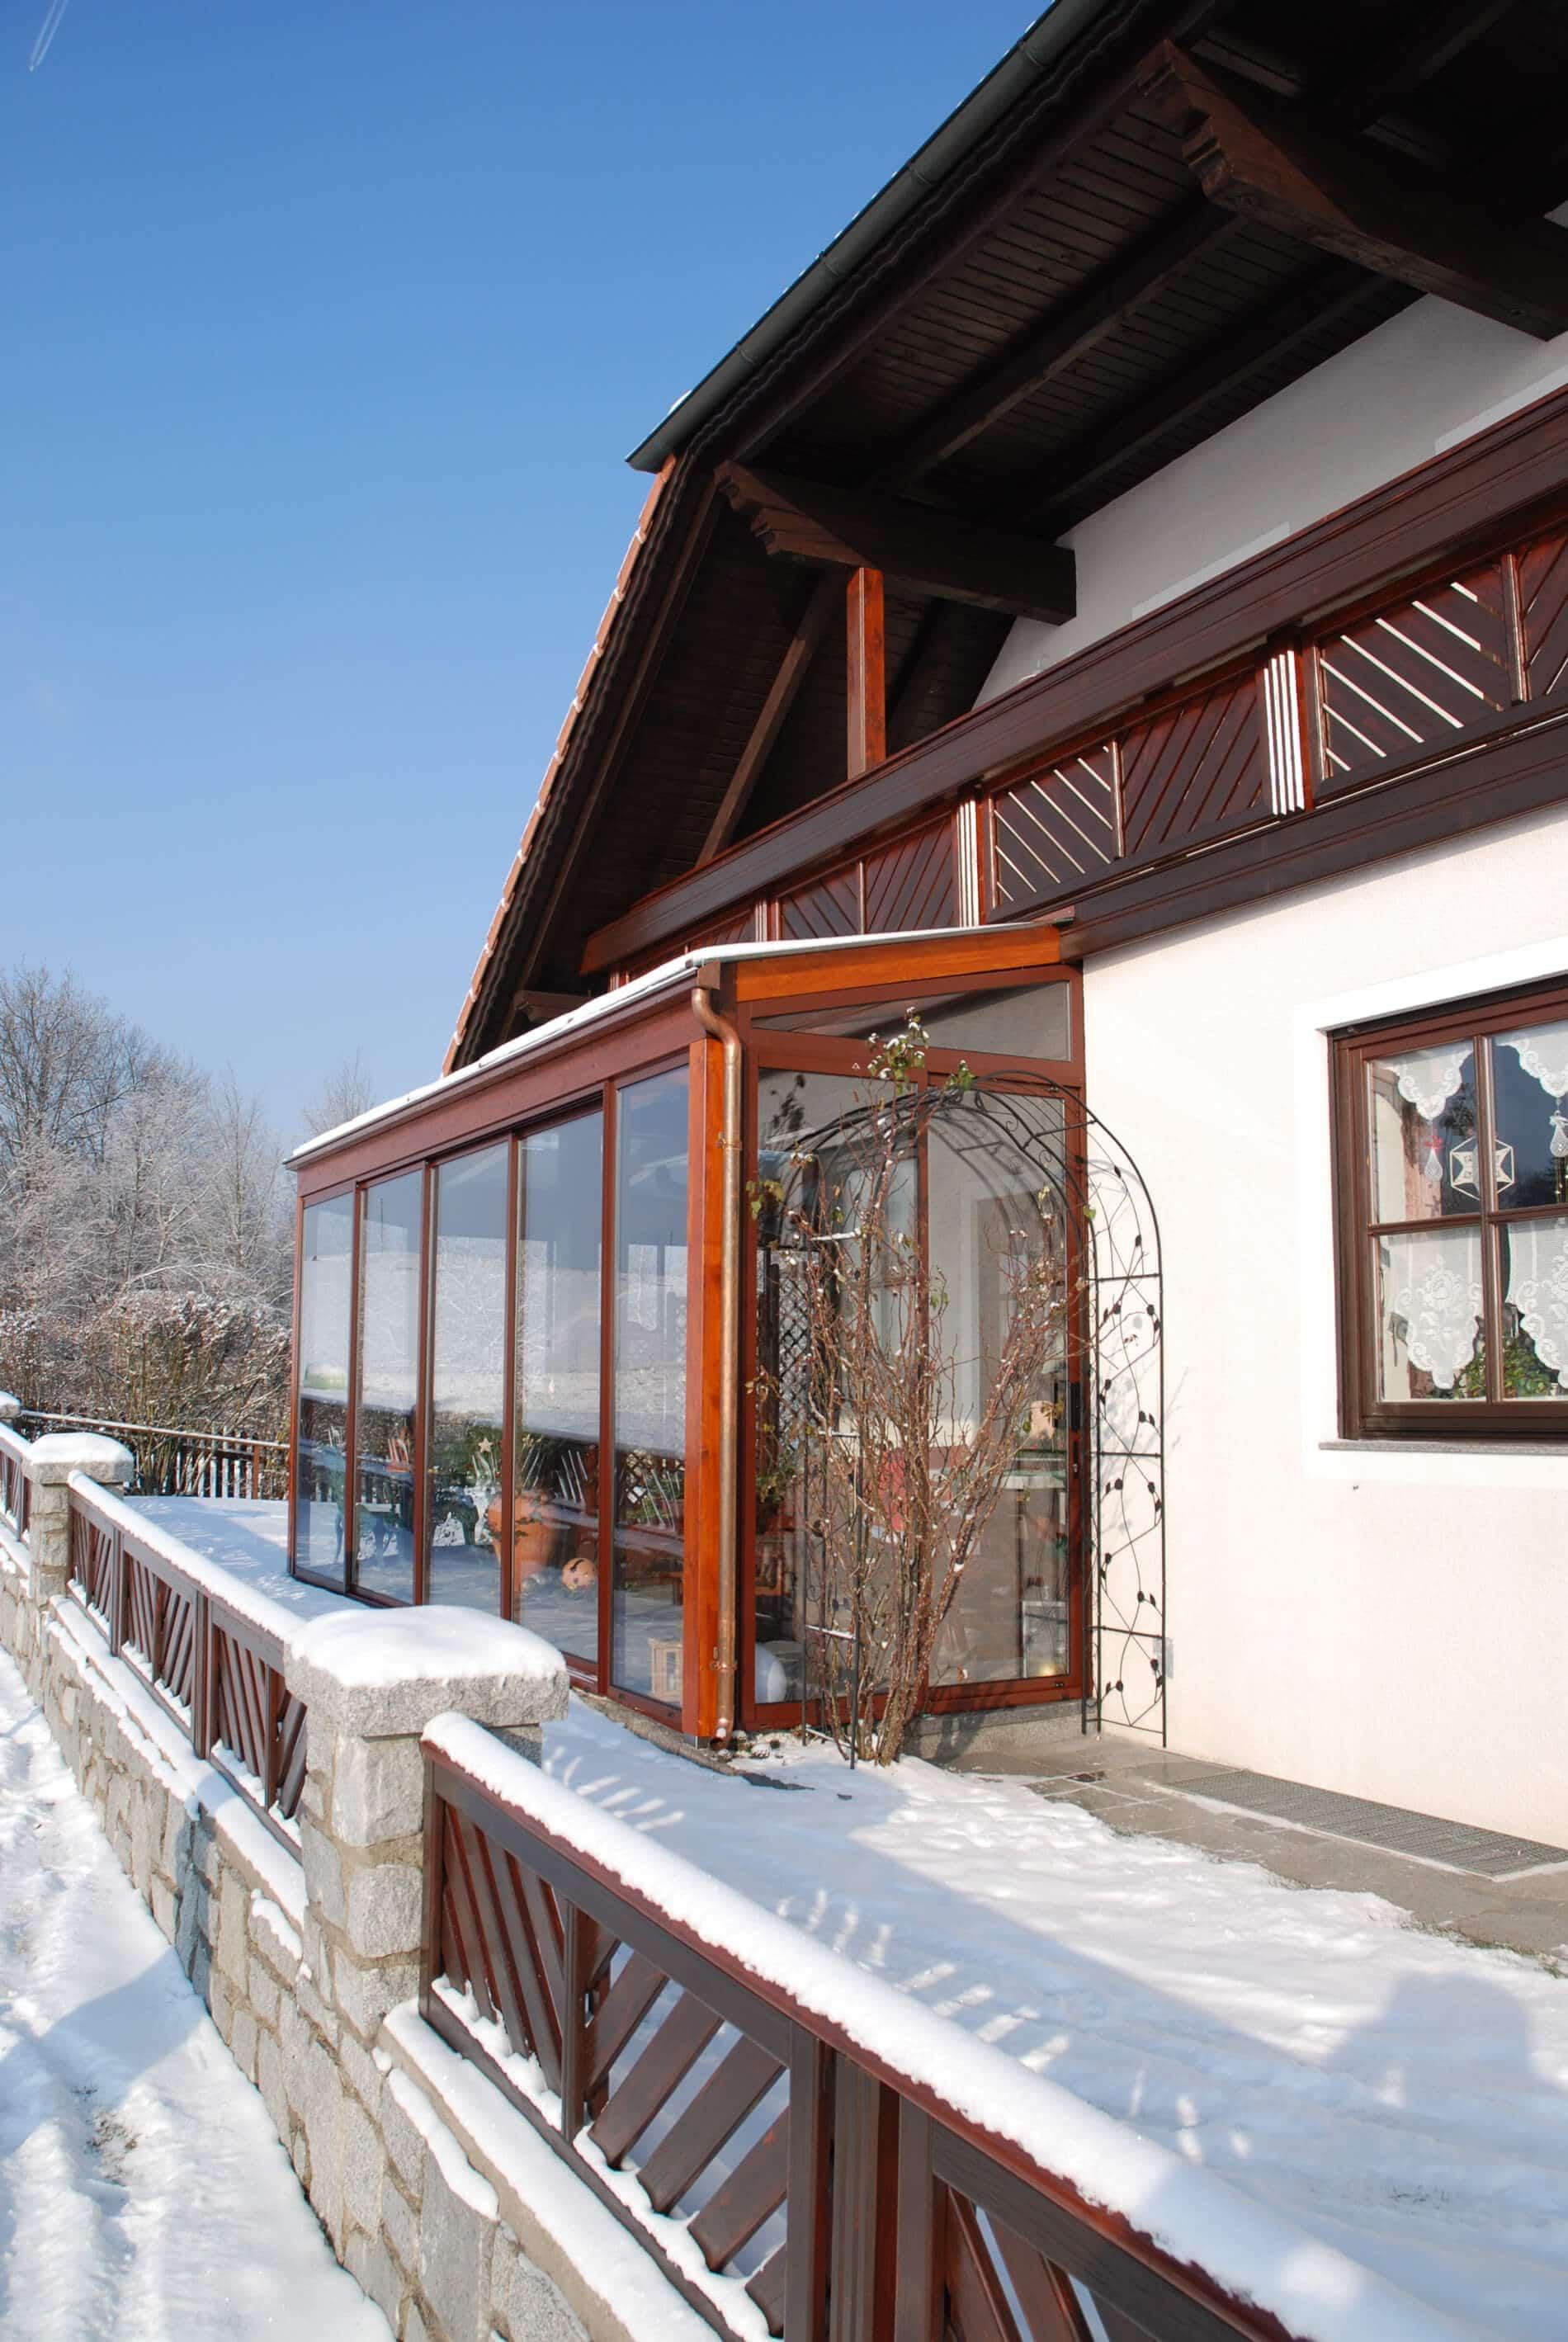 Wintergarten mit braunen Schiebewänden